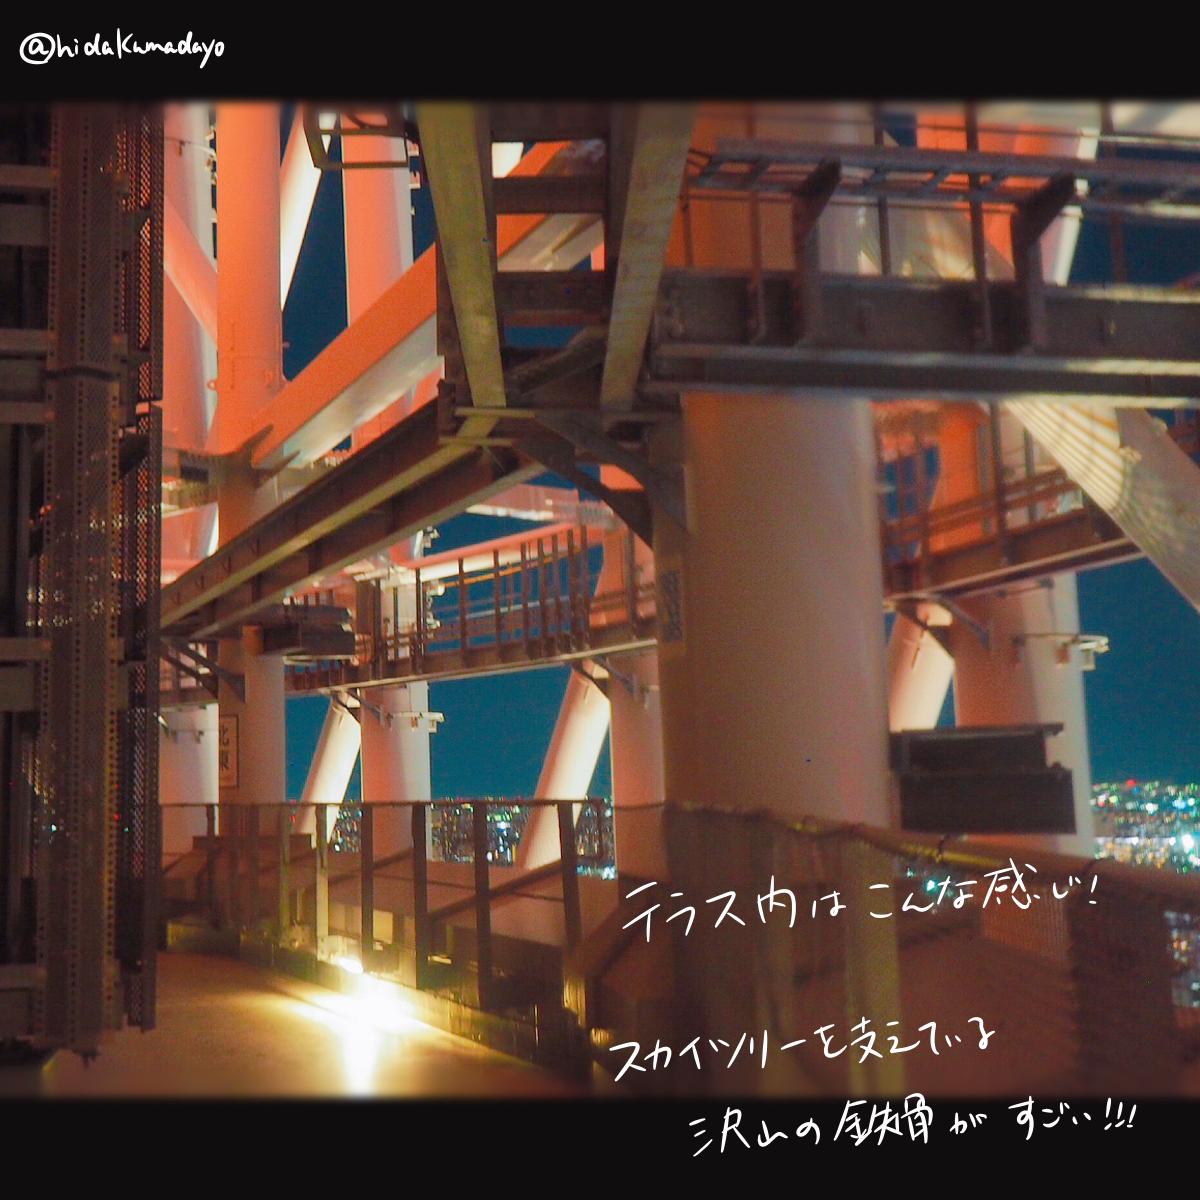 f:id:hidakumadayo:20190412203705p:plain